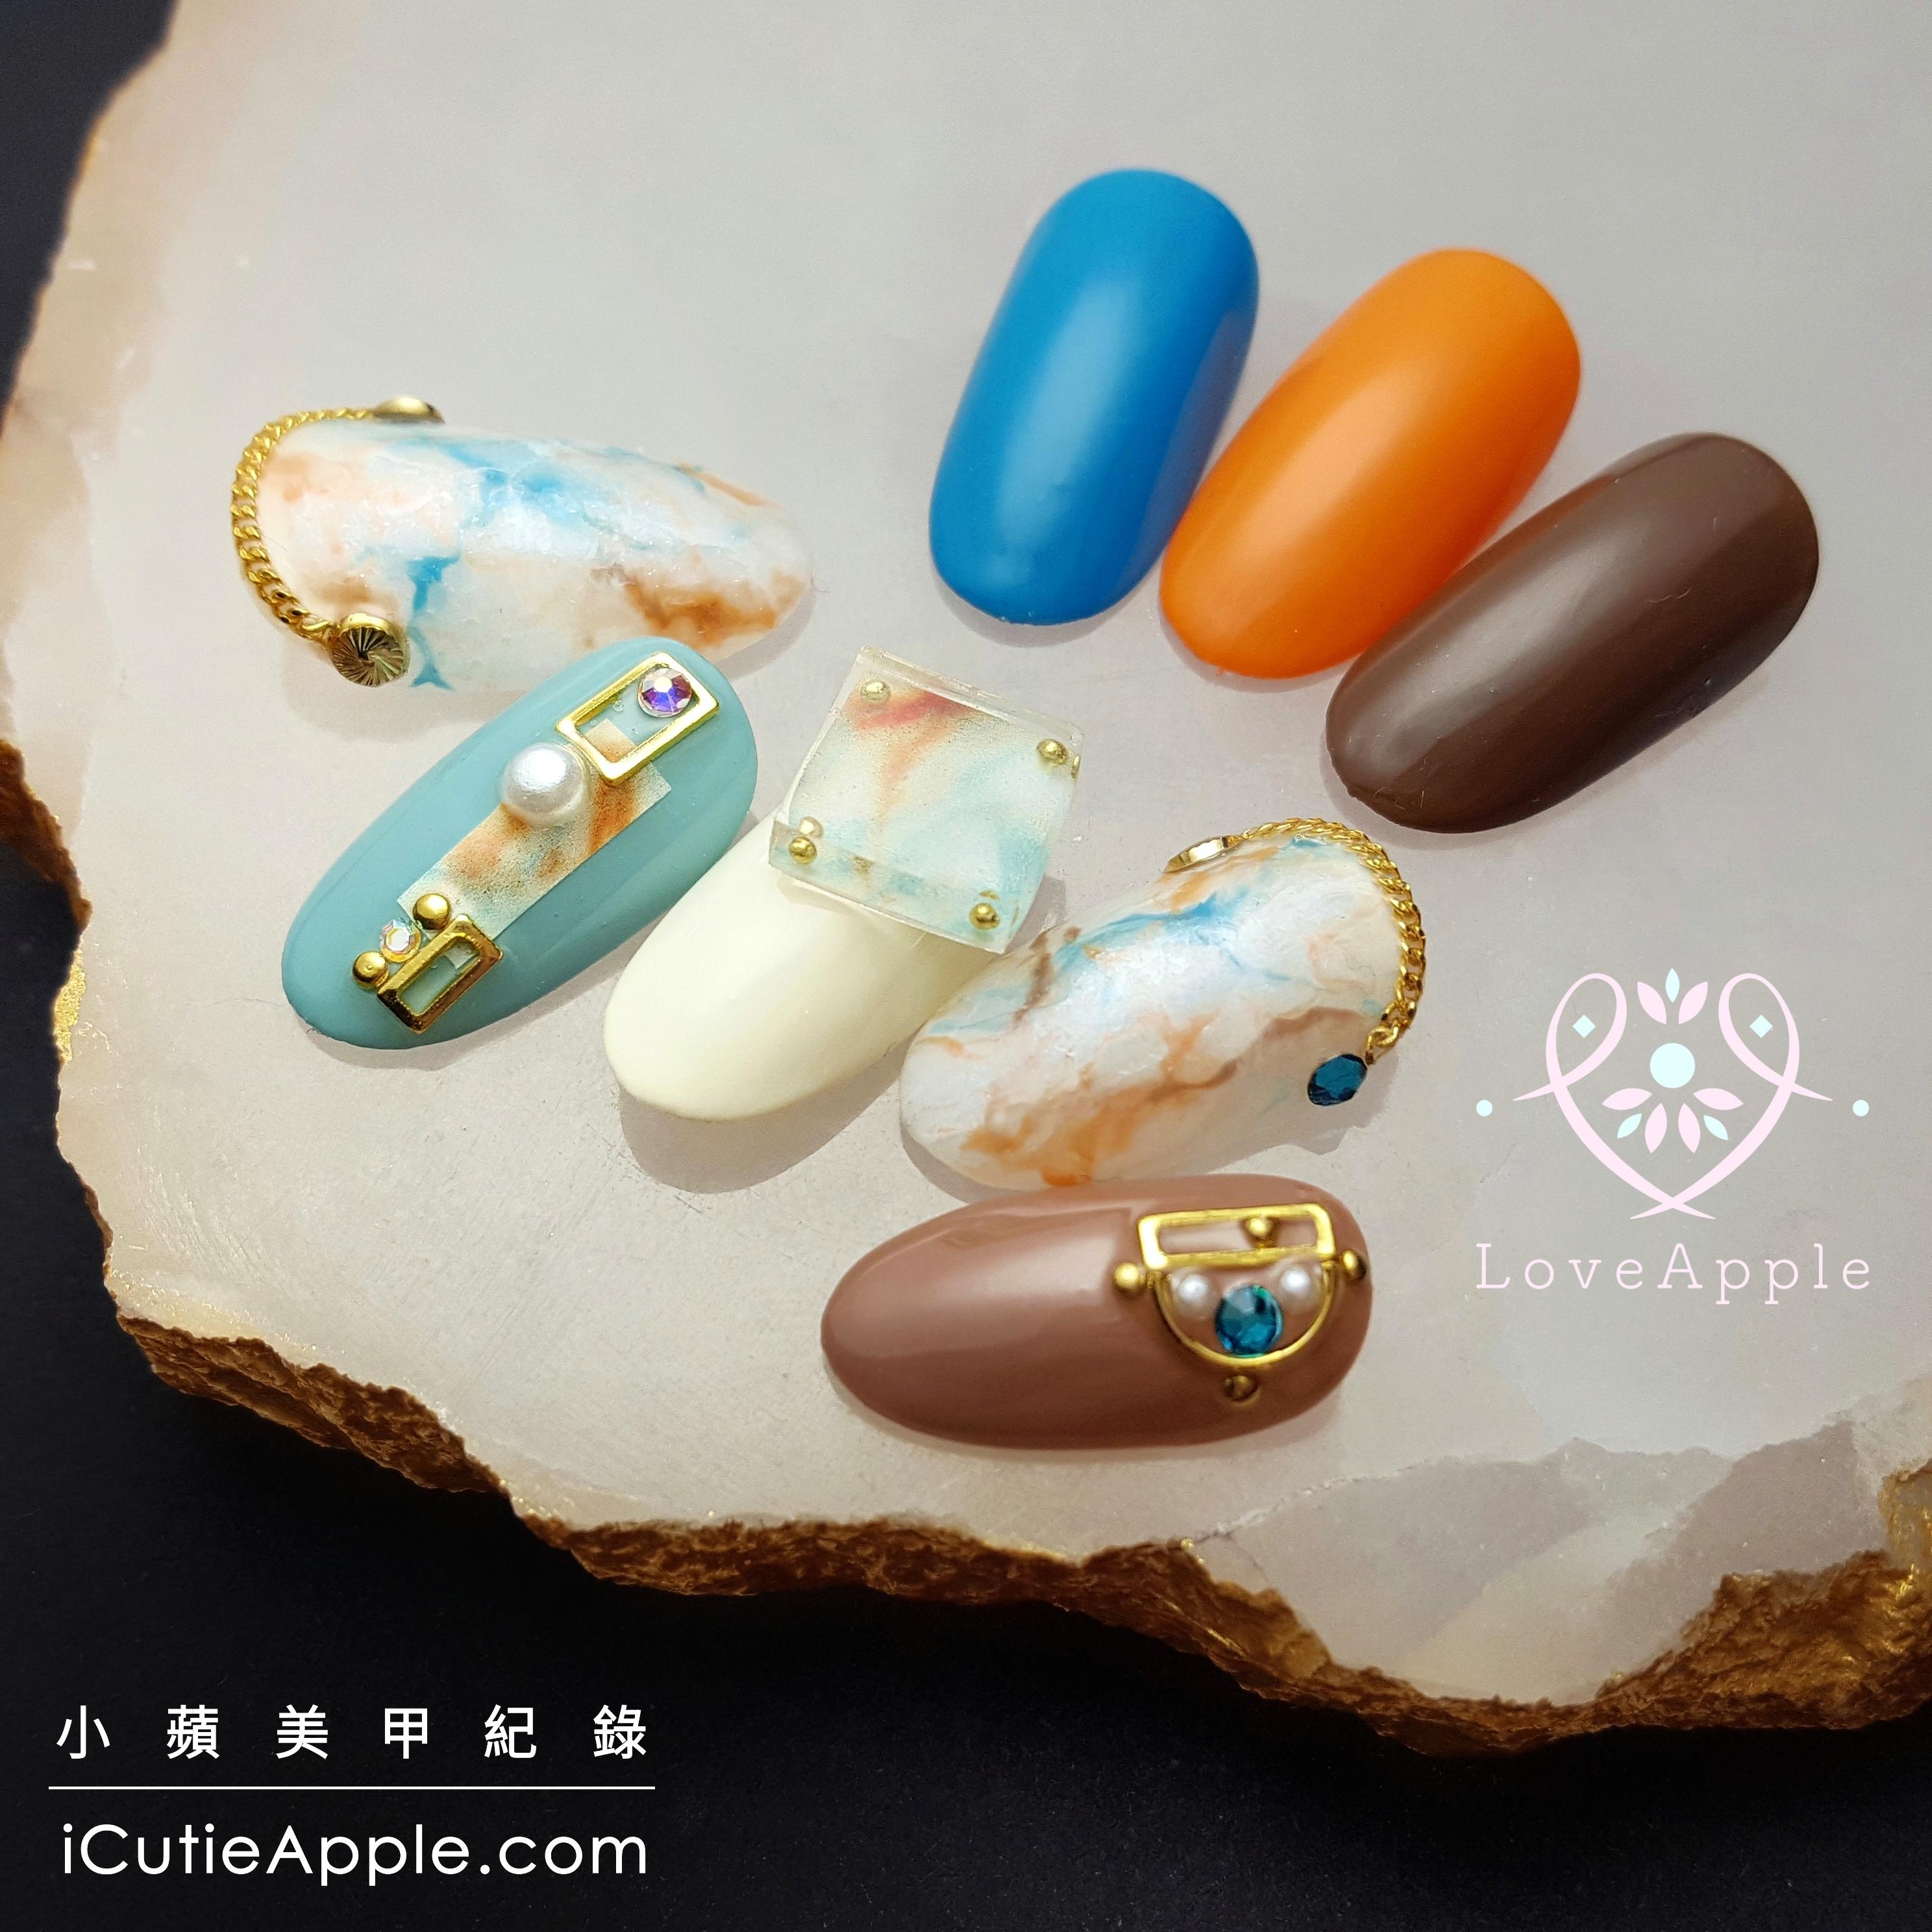 【美甲彩繪】微立體感夾心花卉與石紋設計 ❤ 日本精品級凝膠KOKOIST嚴選獨特色系開箱與運用